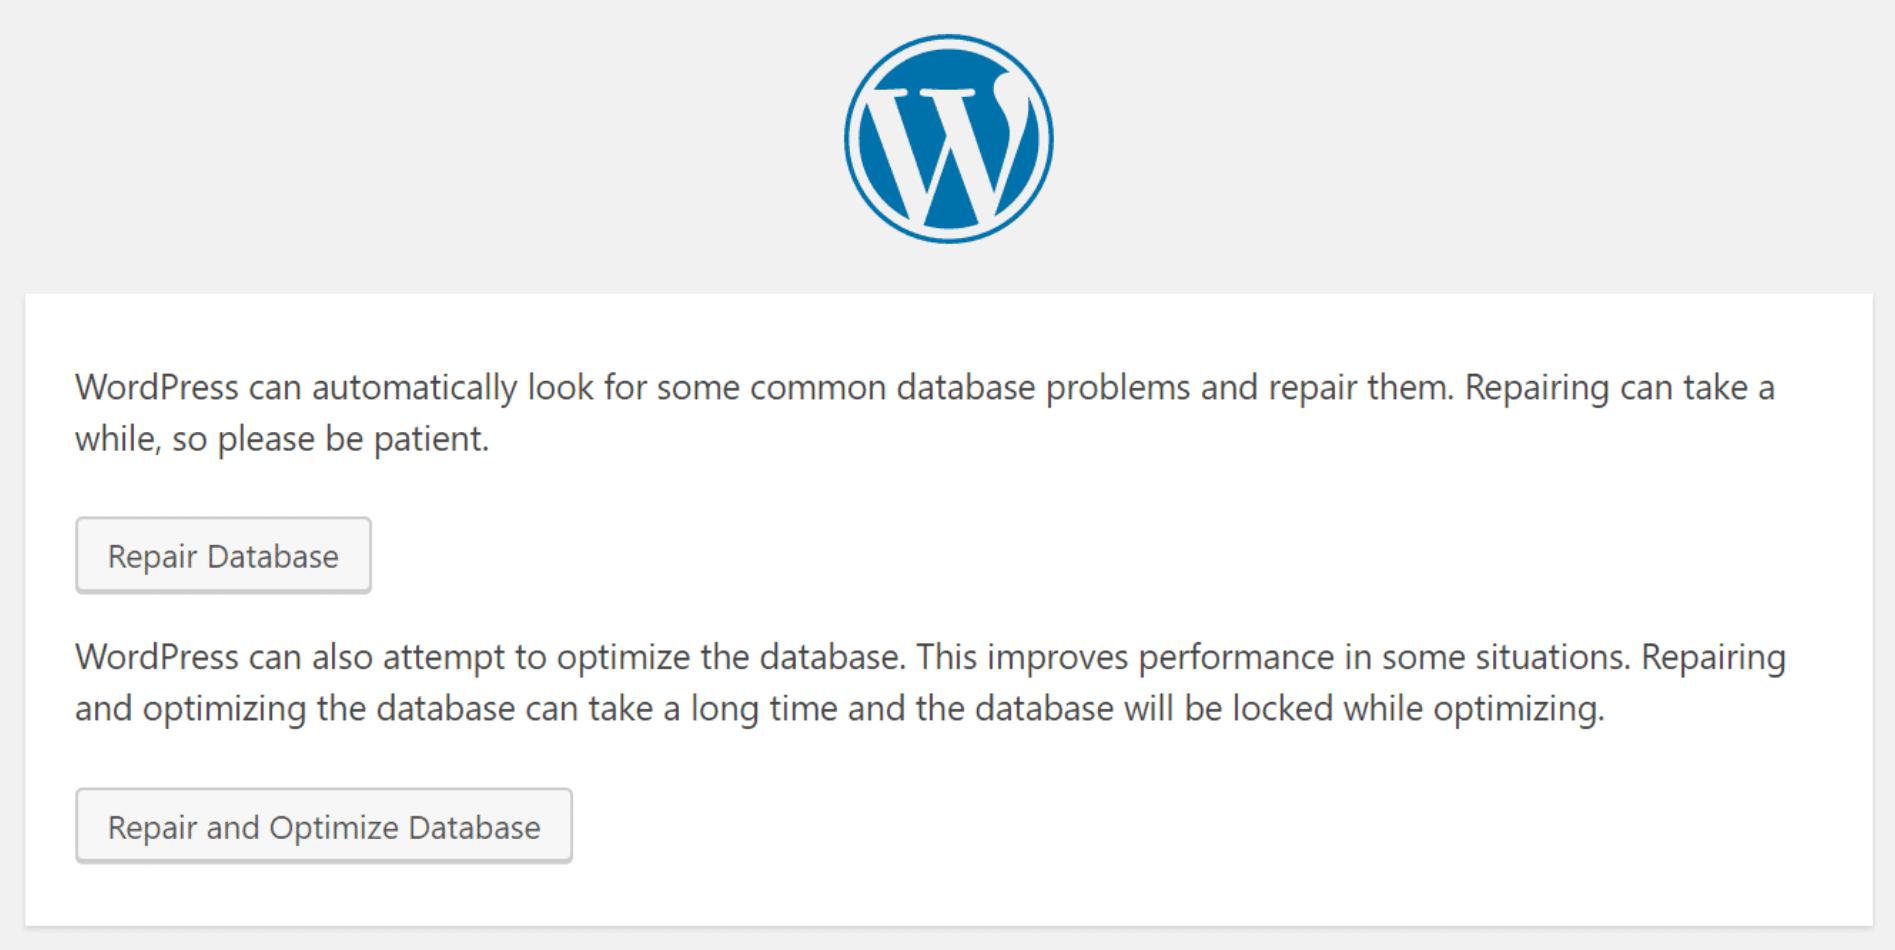 wordpress repair database